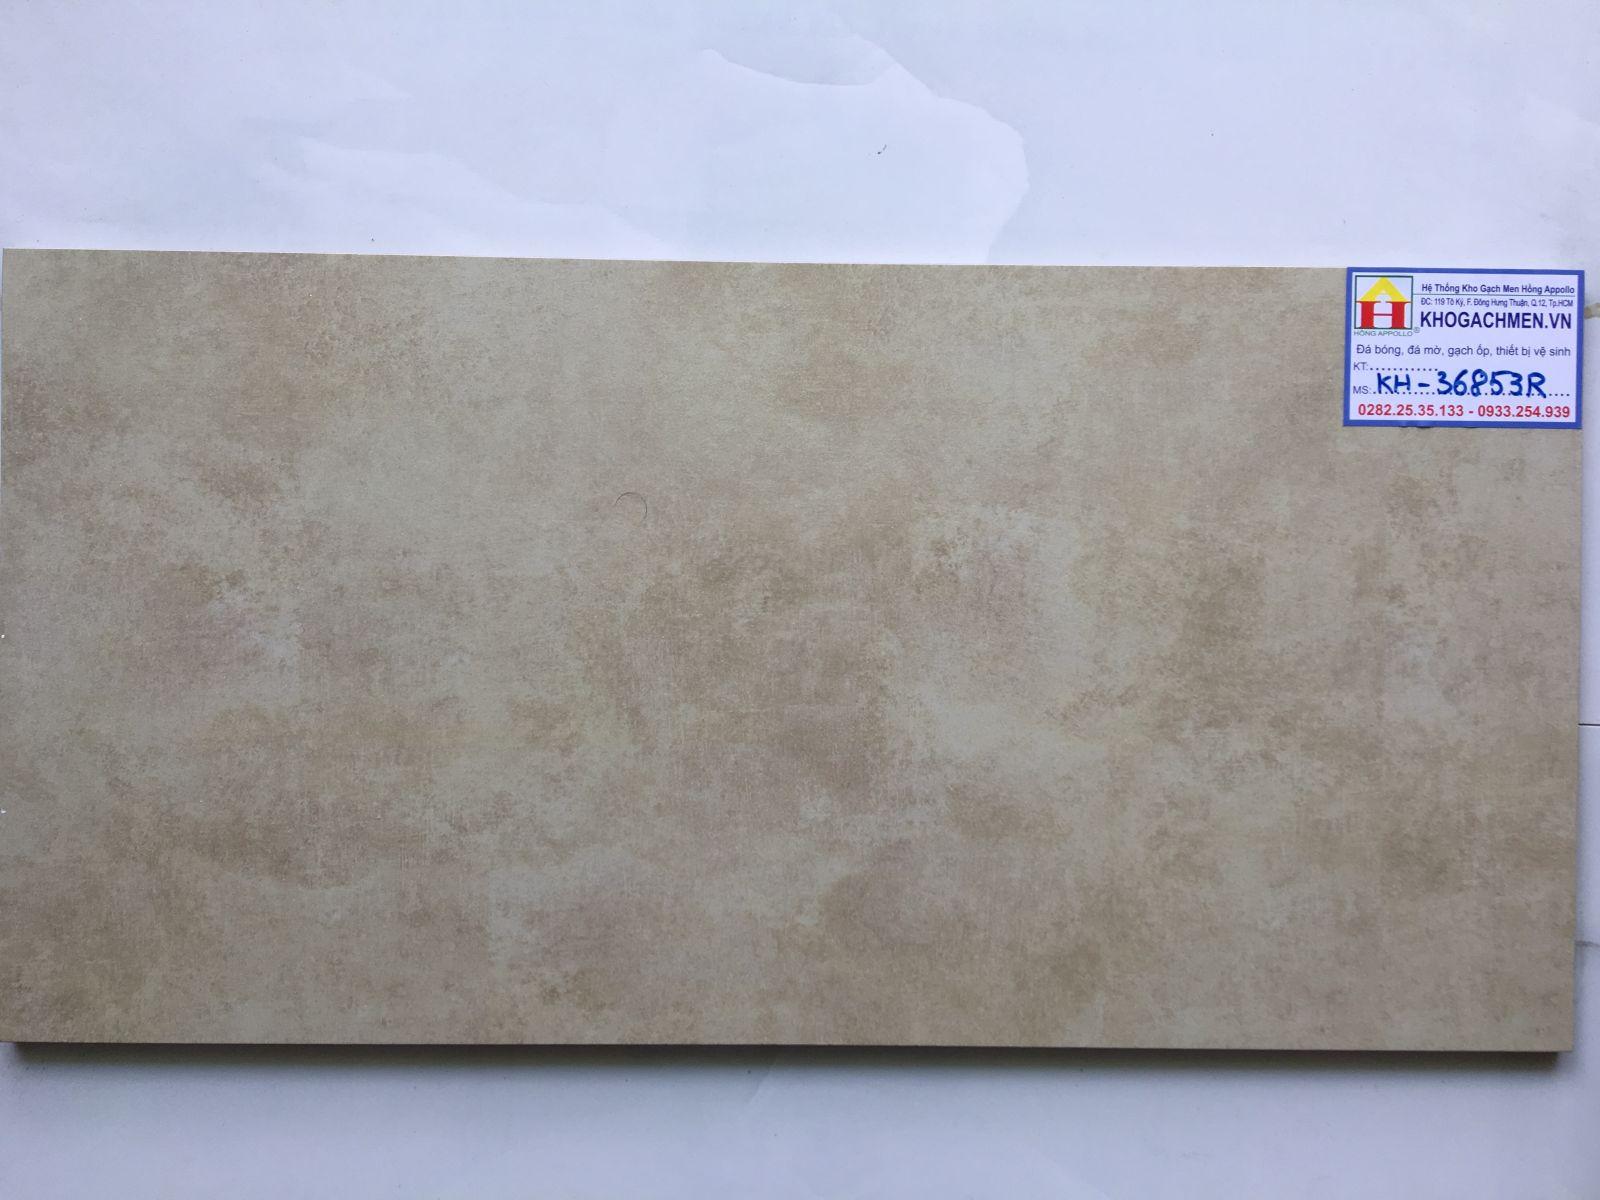 ĐÁ MỜ 30X60 ROYAL 36853, GẠCH MỜ 30X60 HOÀNG GIA 36853 ** Gạch 30x60 Hoàng Gia được sản xuất tại Việt Nam, với các xu hướng thiết kế mới nhất của thị trường toàn cầu và nâng cao chất lượng sản phẩm. Royal luôn đầu tư nguồn lực lớn công nghệ tiên tiến với dây chuyền sản xuất hiện đại nhất từ châu âu cùng với chính sách bảo vệ môi trường. Tập đoàn Hoàng Gia đã xuất khẩu các sản phẩm gạch mờ ốp lát sang nhiều nước trên thế giới như các nước châu âu, Úc, Thái Lan, Malaysia..... ** Gạch mờ royal 30x60 được phân phối từ kho gạch men miền nam với chất lượng tốt nhất với giá thành rẻ nhất. Cùng với sản phẩm loại 1 thì kho chúng tôi còn có các mẫu đá mờ royal 30x60 loại 2, 3 giá thành rẻ hơn hàng loại 1 từ 30.000/m2. Dành cho các công trình tiết kiệm chi phí như khách sạn, nhà hàng, quán ăn, bar, nhà ở.....  ** Hãy liên hệ với chúng tôi để nhận giá tốt nhất hôm nay: zalo/viber online 24/7  0933.254.939 - 0909.814.939